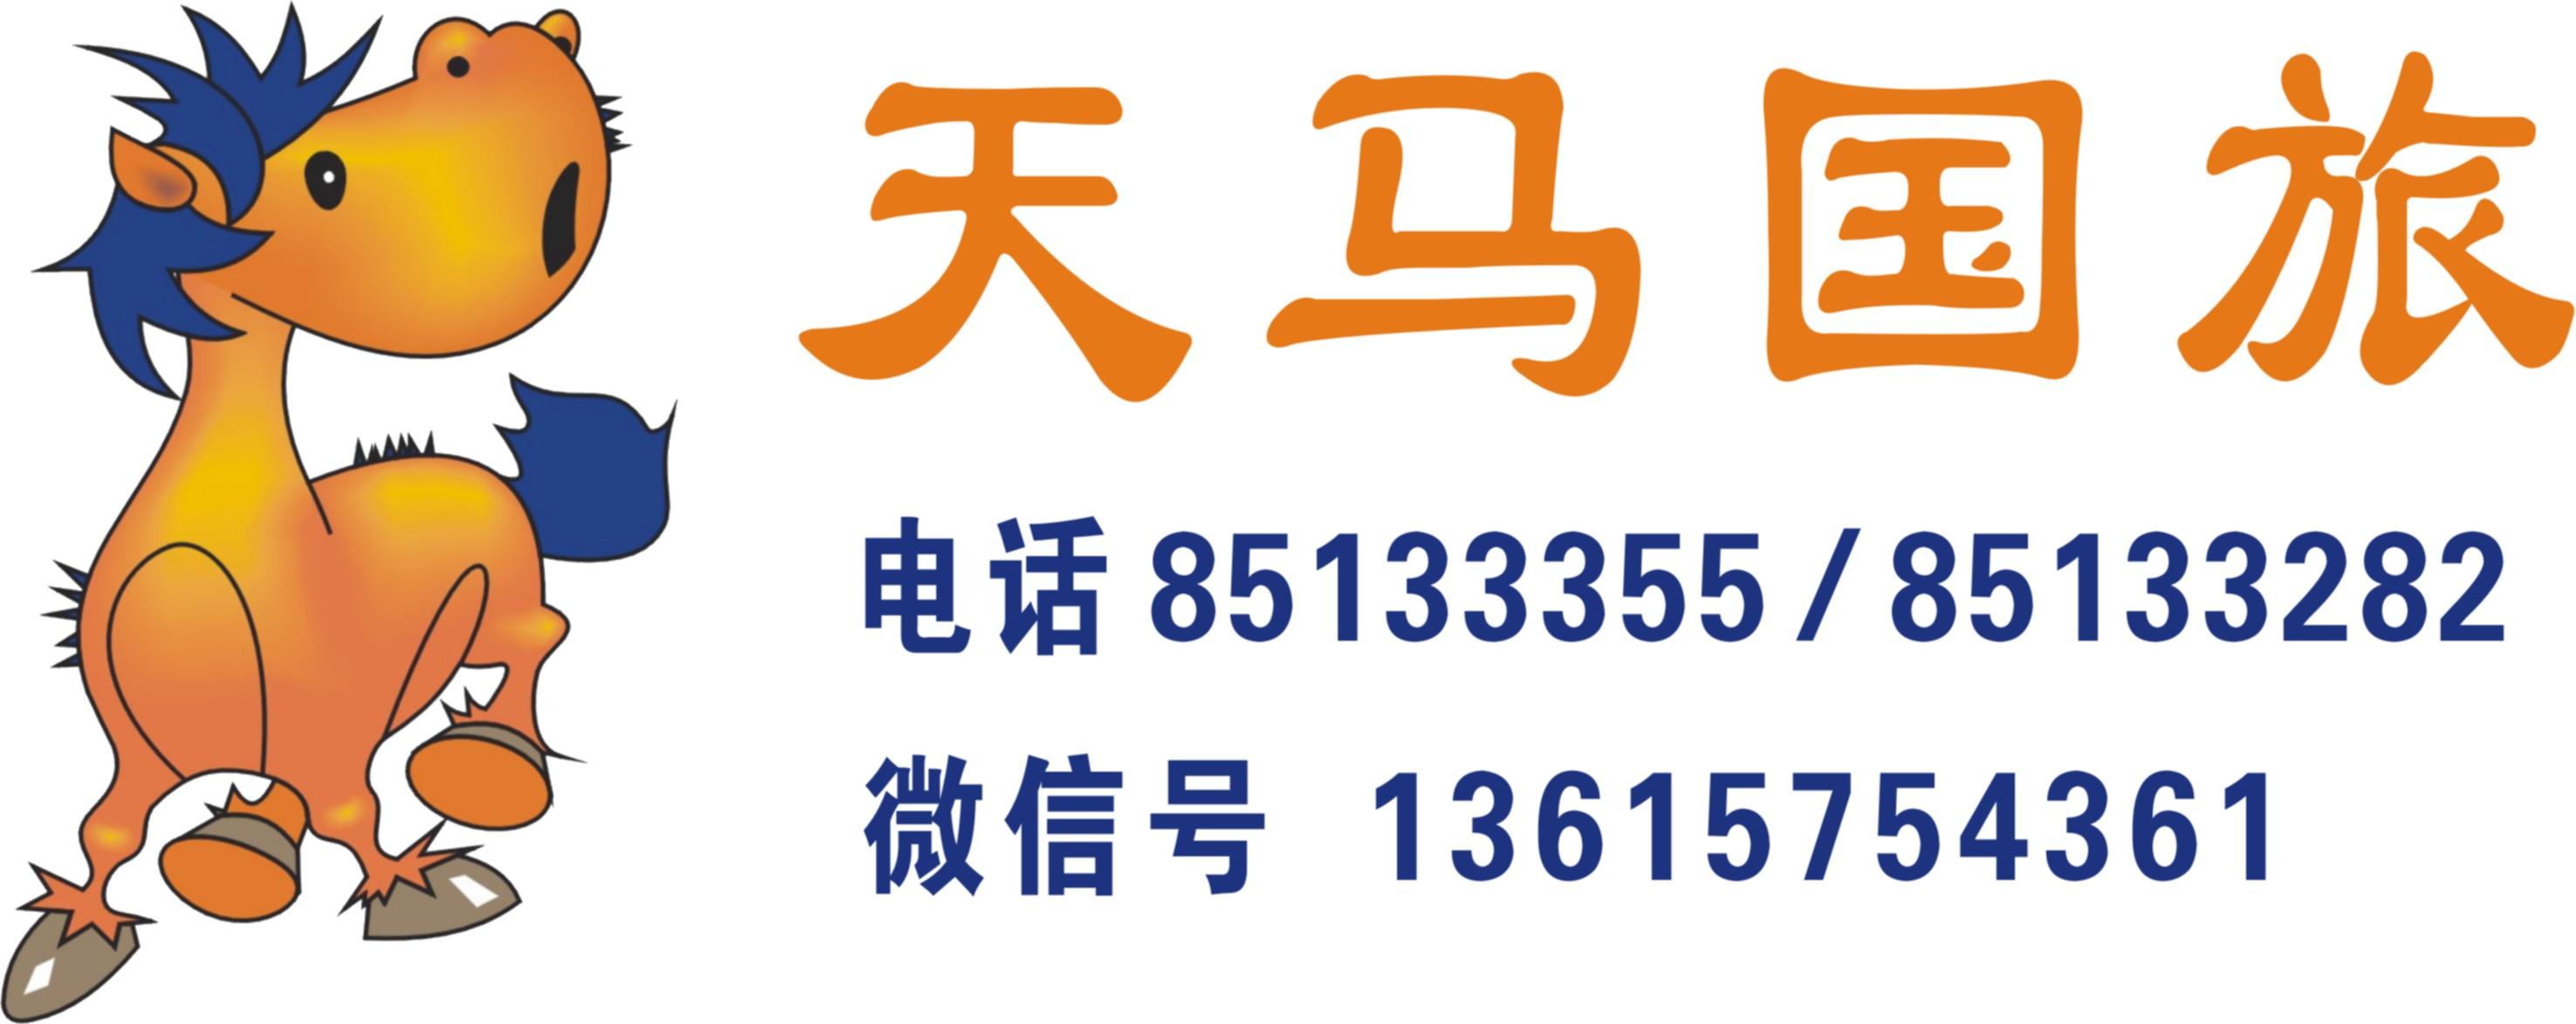 4.20【舟山朱家尖南沙海滨浴场、南洞艺谷二日】皮皮虾大餐